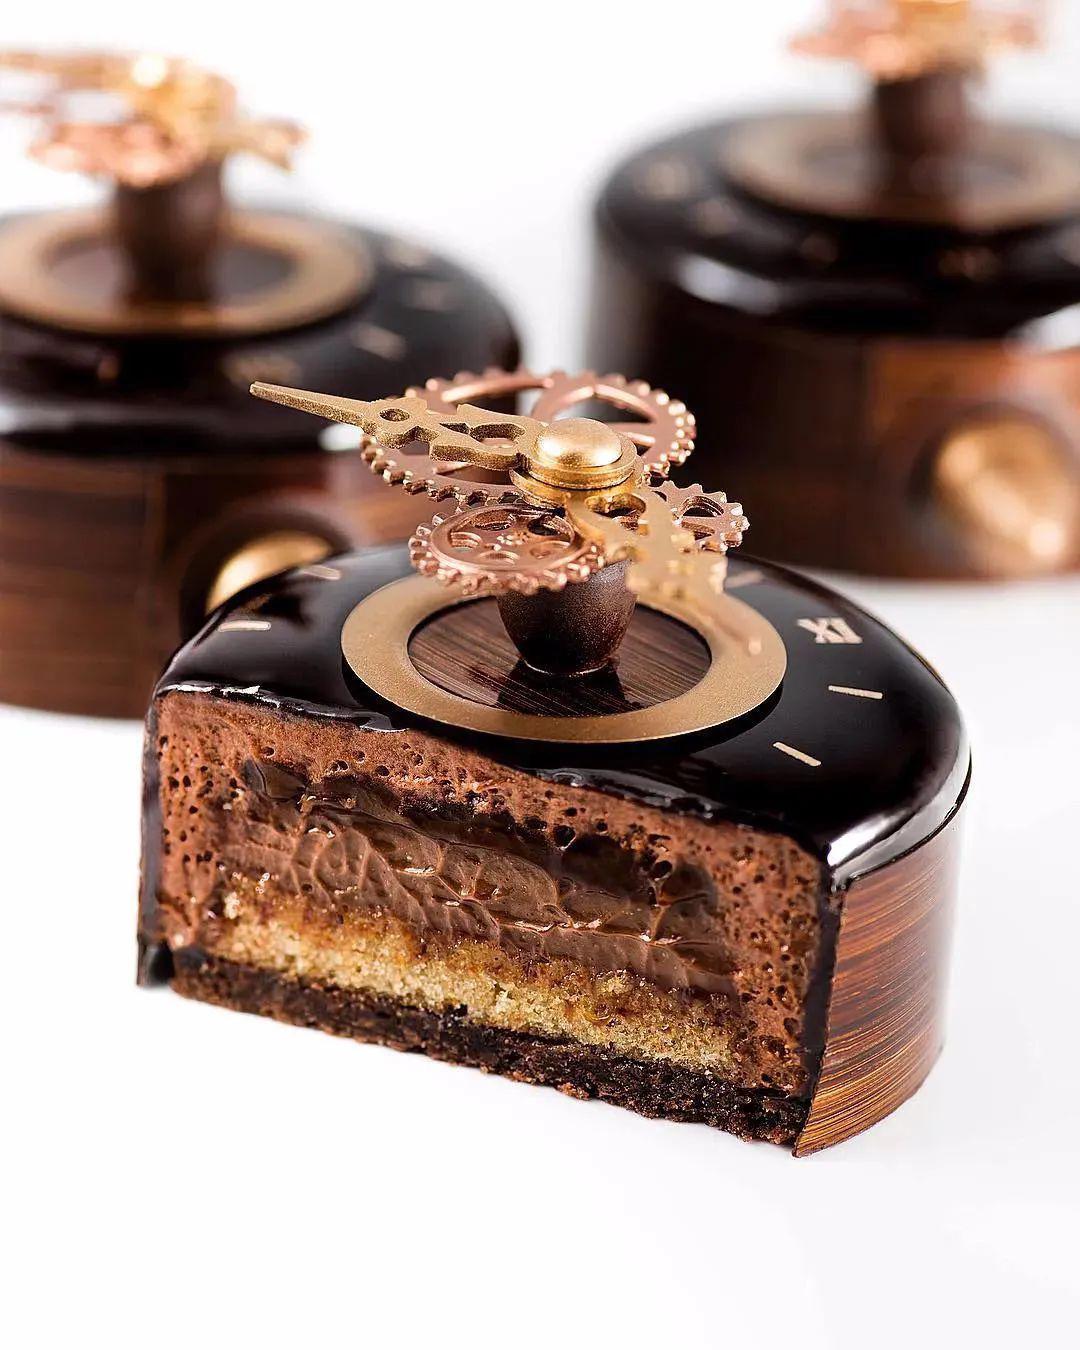 这位90后小哥的手工巧克力造型简直出神入化!